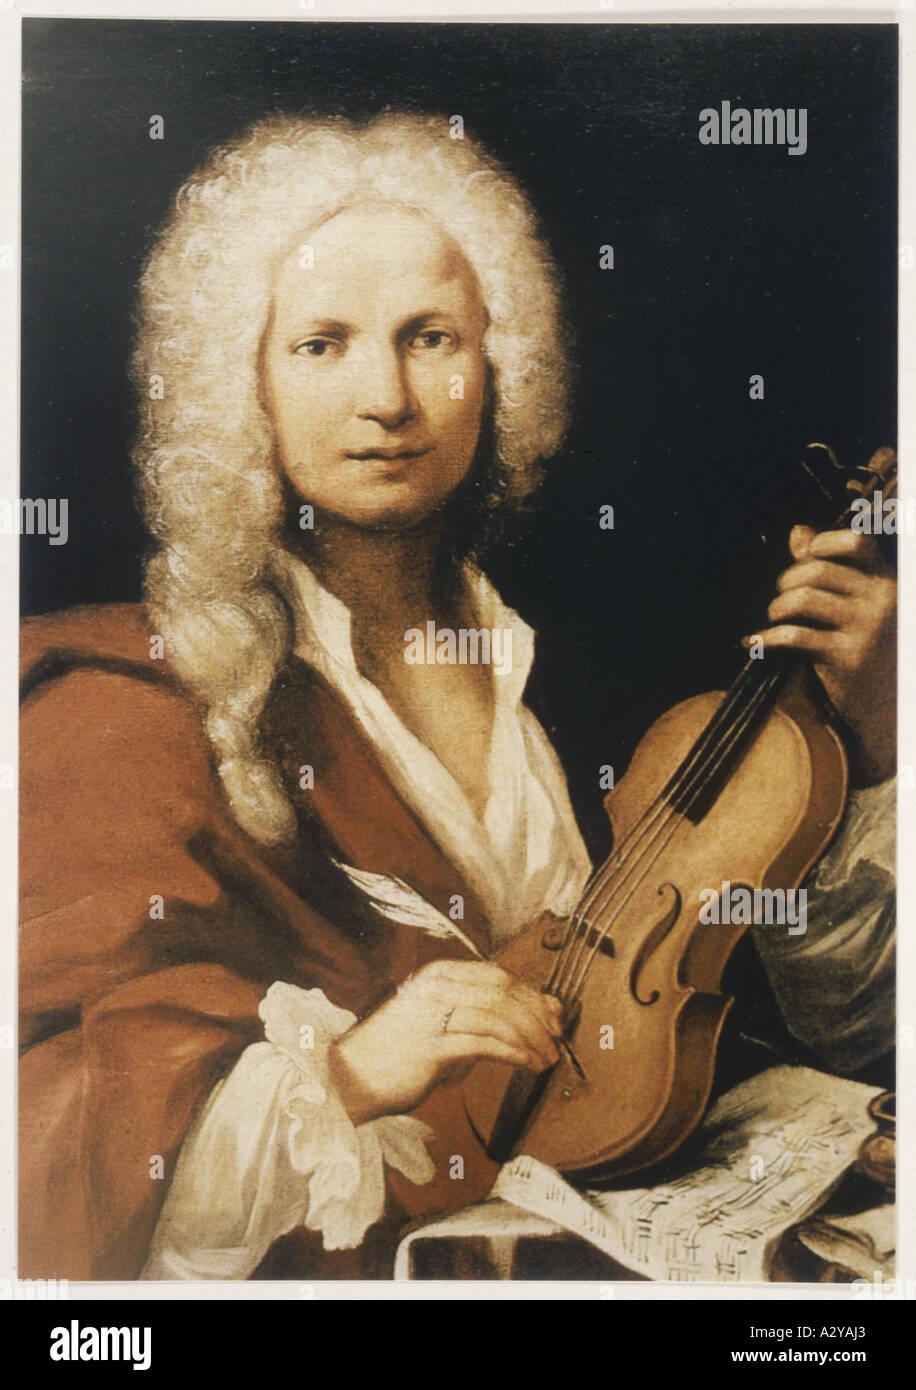 Antonio Vivaldi Anon - Stock Image